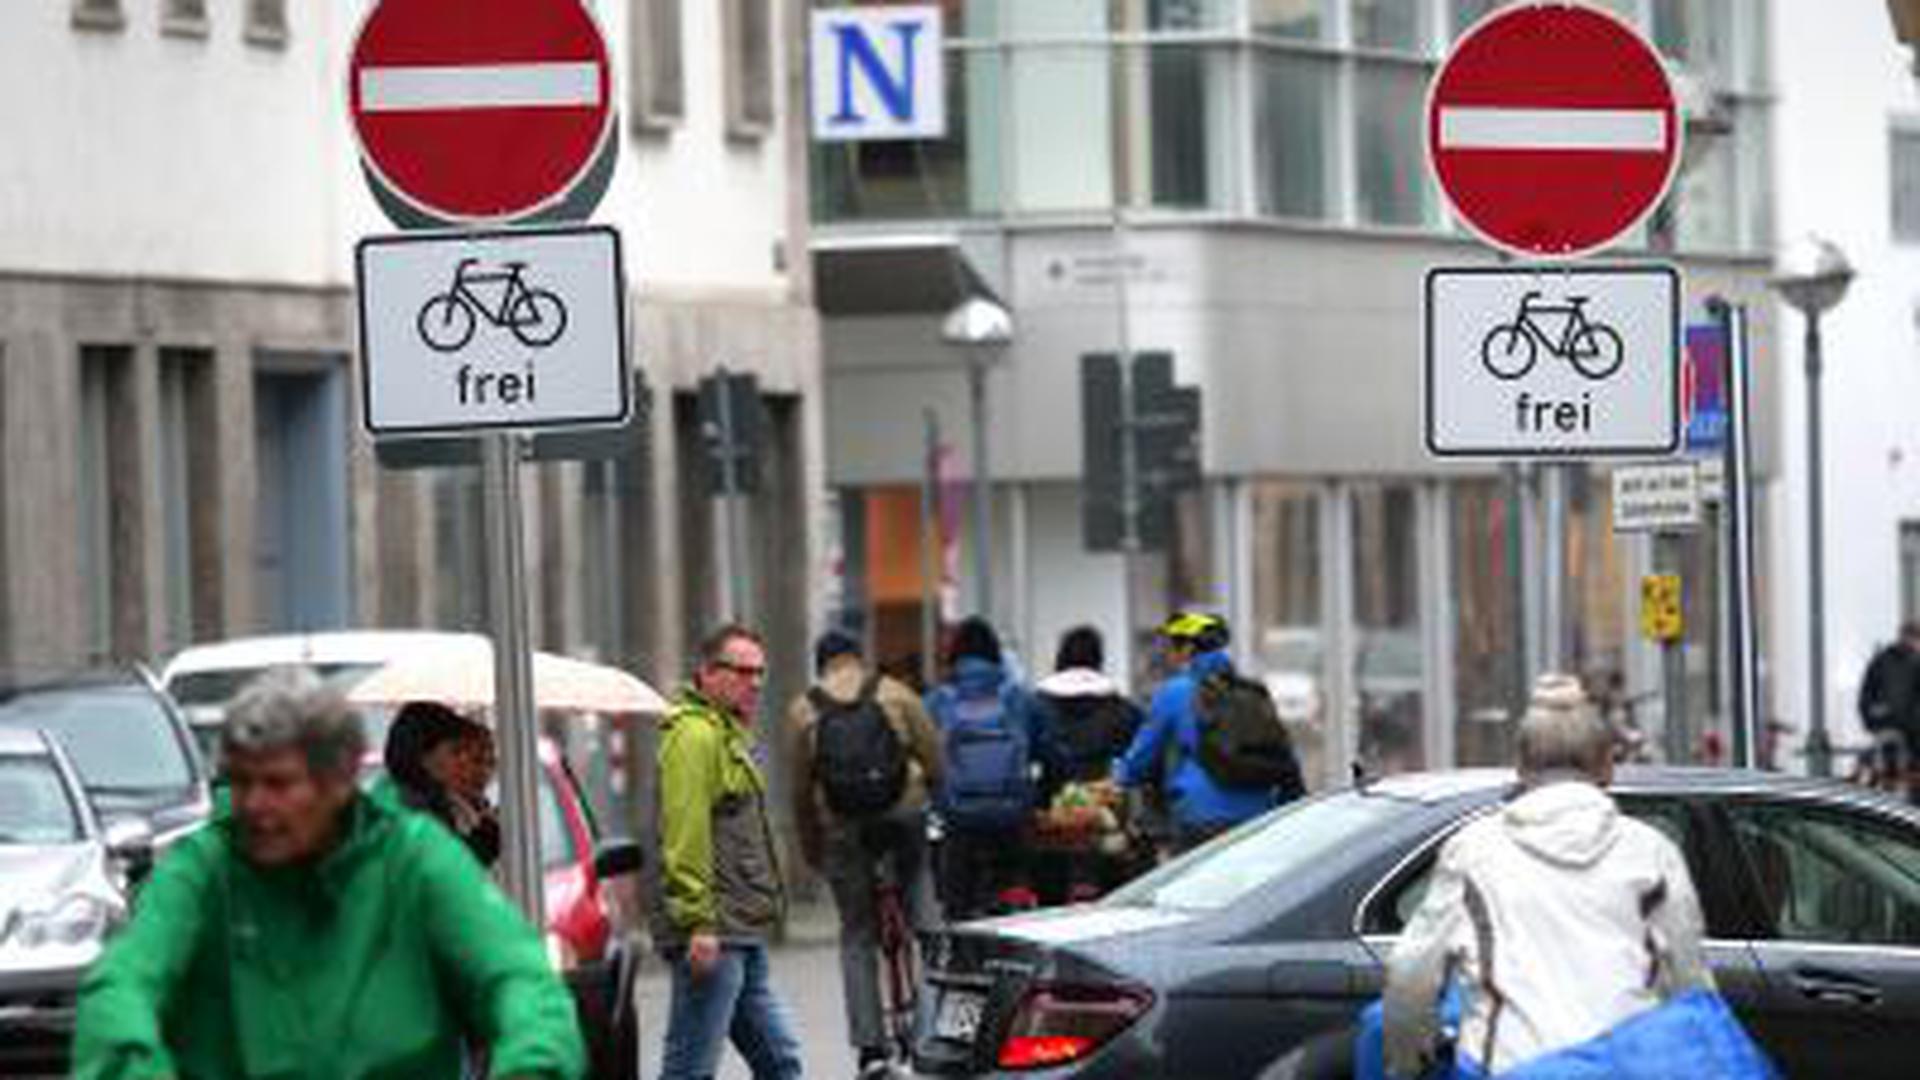 Wendende Autofahrer auf dem Zirkel machen Radlern und Fußgängern weiter das Leben schwer. Dabei steht die Barriere schon länger als zehn Wochen.